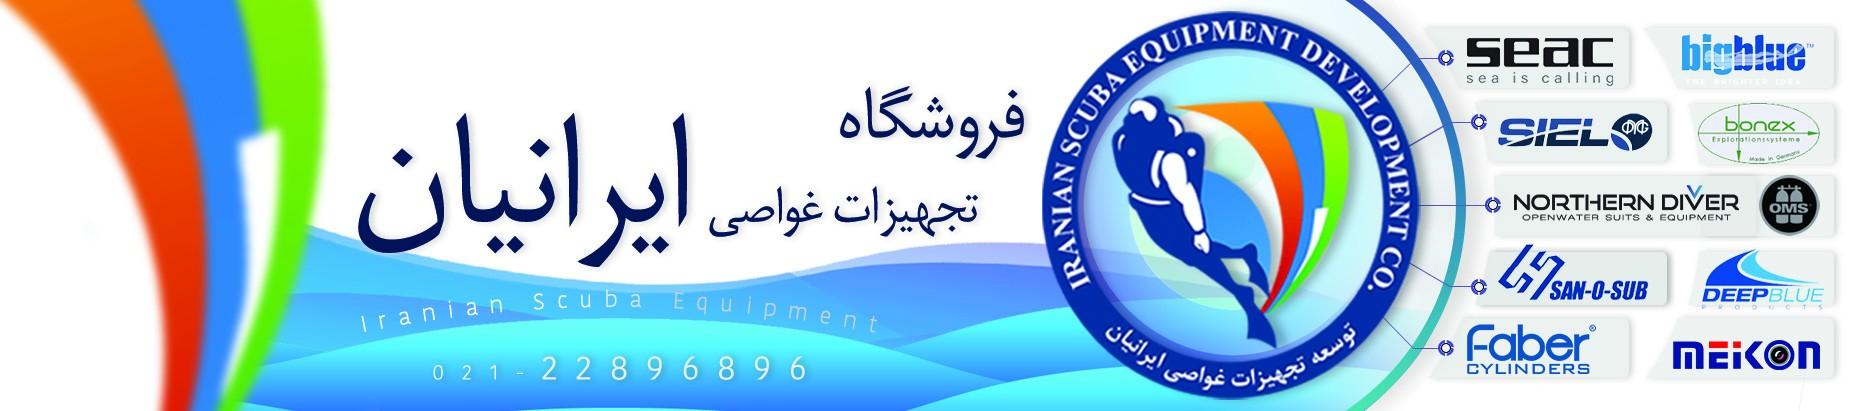 شرکت توسعه تجهیزات غواصی ایران